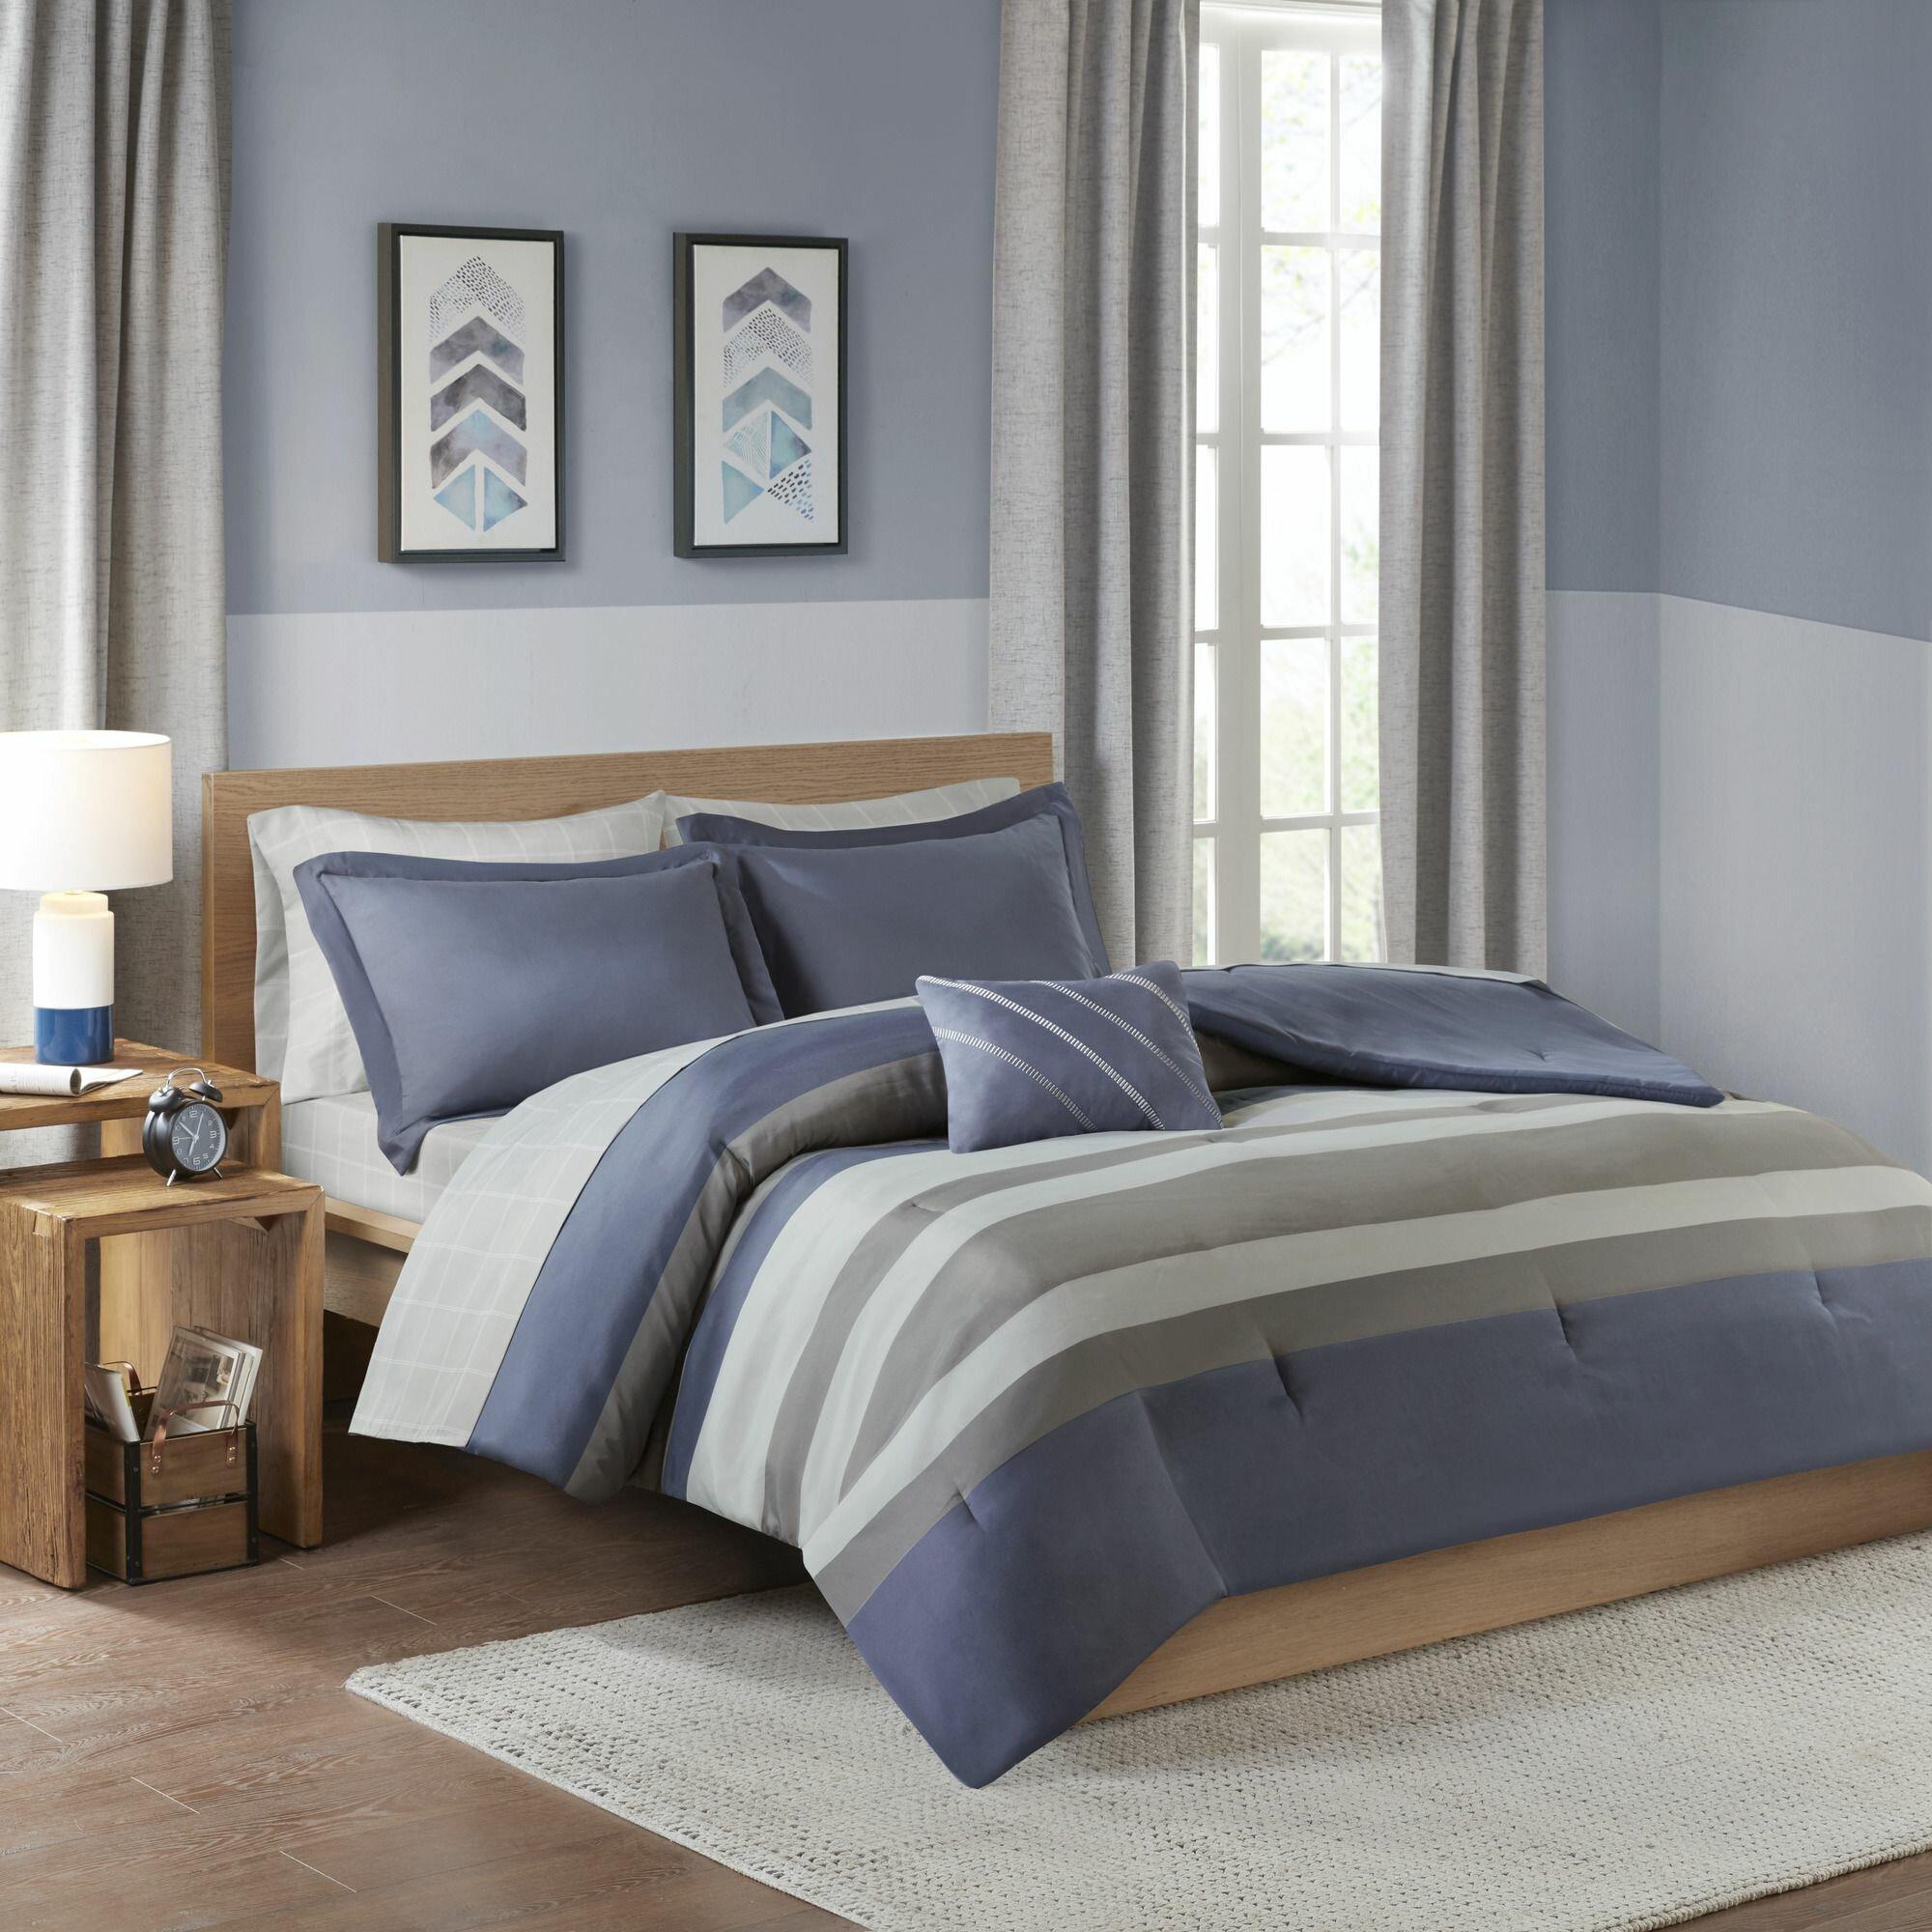 b4847f2af Keon Complete Comforter Set